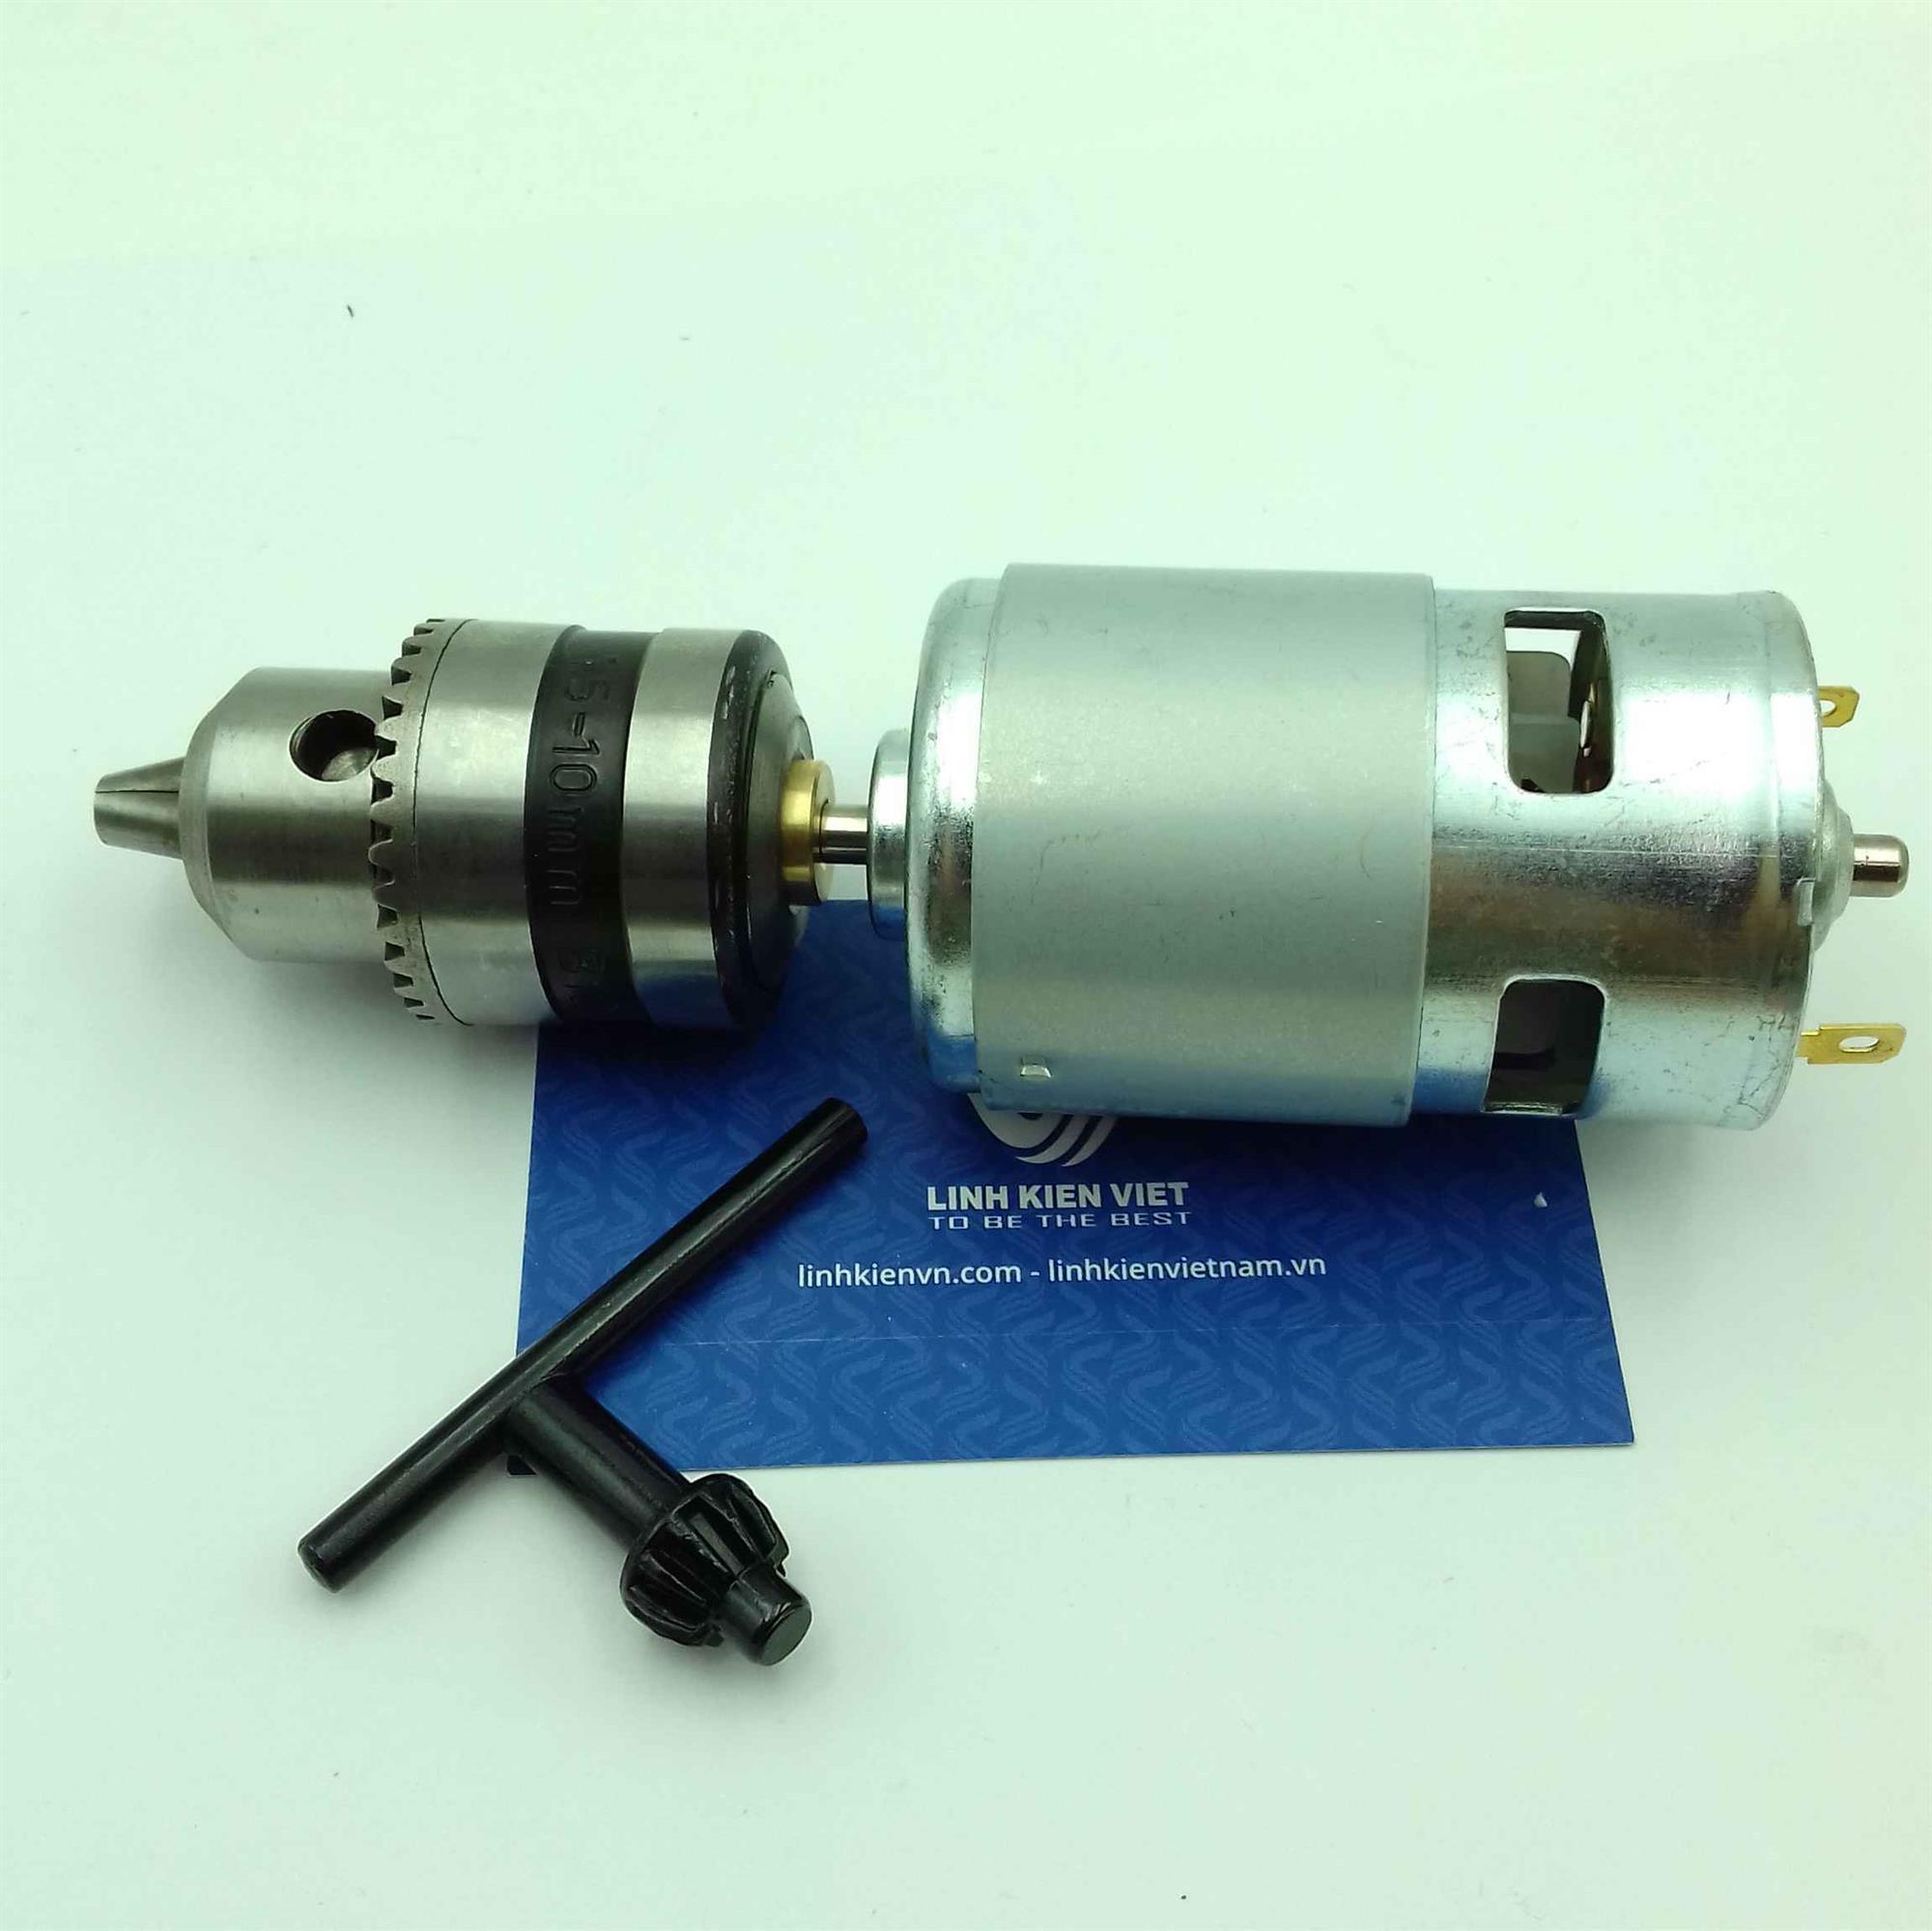 Motor khoan mạch 12V 775 (1.5-10mm) / Khoan tay DC 12V sử dụng động cơ 775 / Khoan mạch 775 -